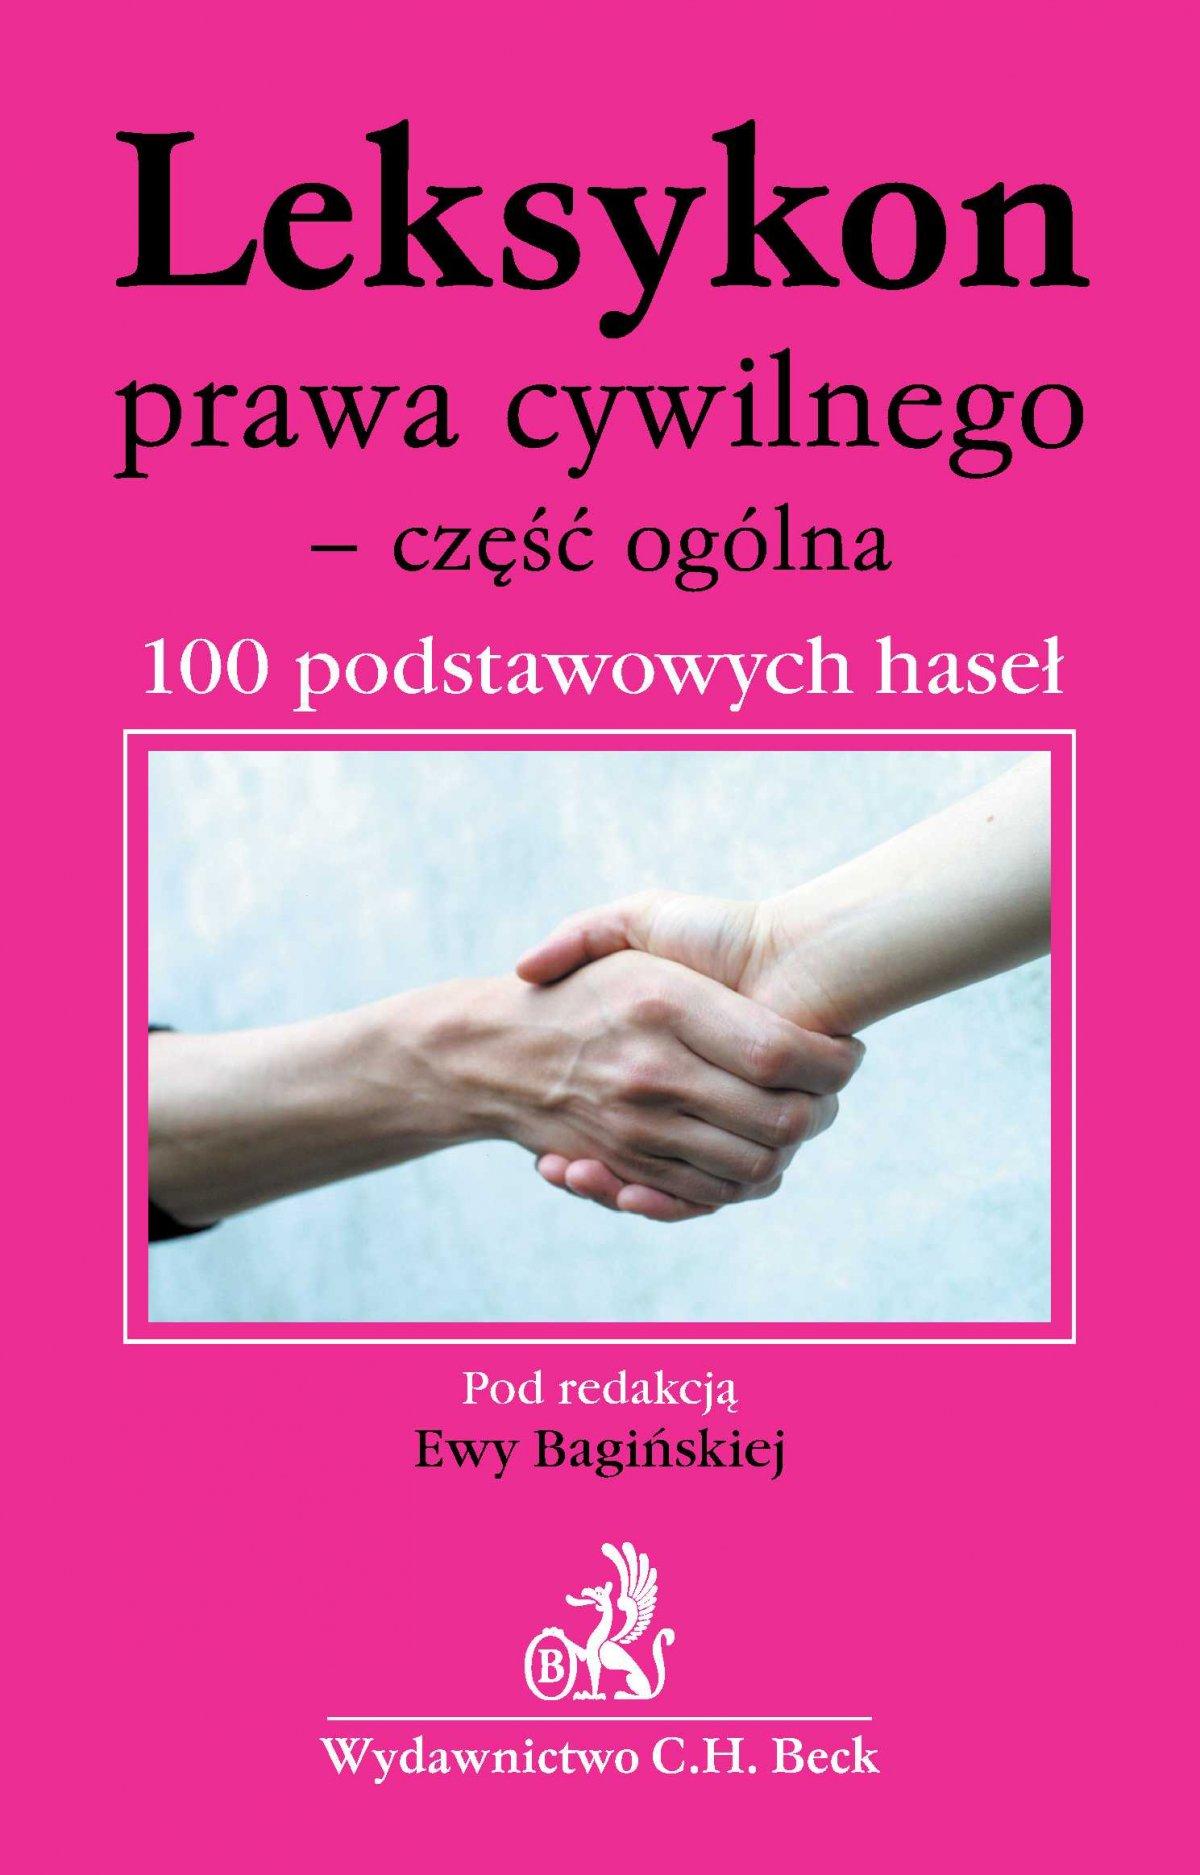 Leksykon prawa cywilnego - część ogólna 100 podstawowych haseł - Ebook (Książka PDF) do pobrania w formacie PDF